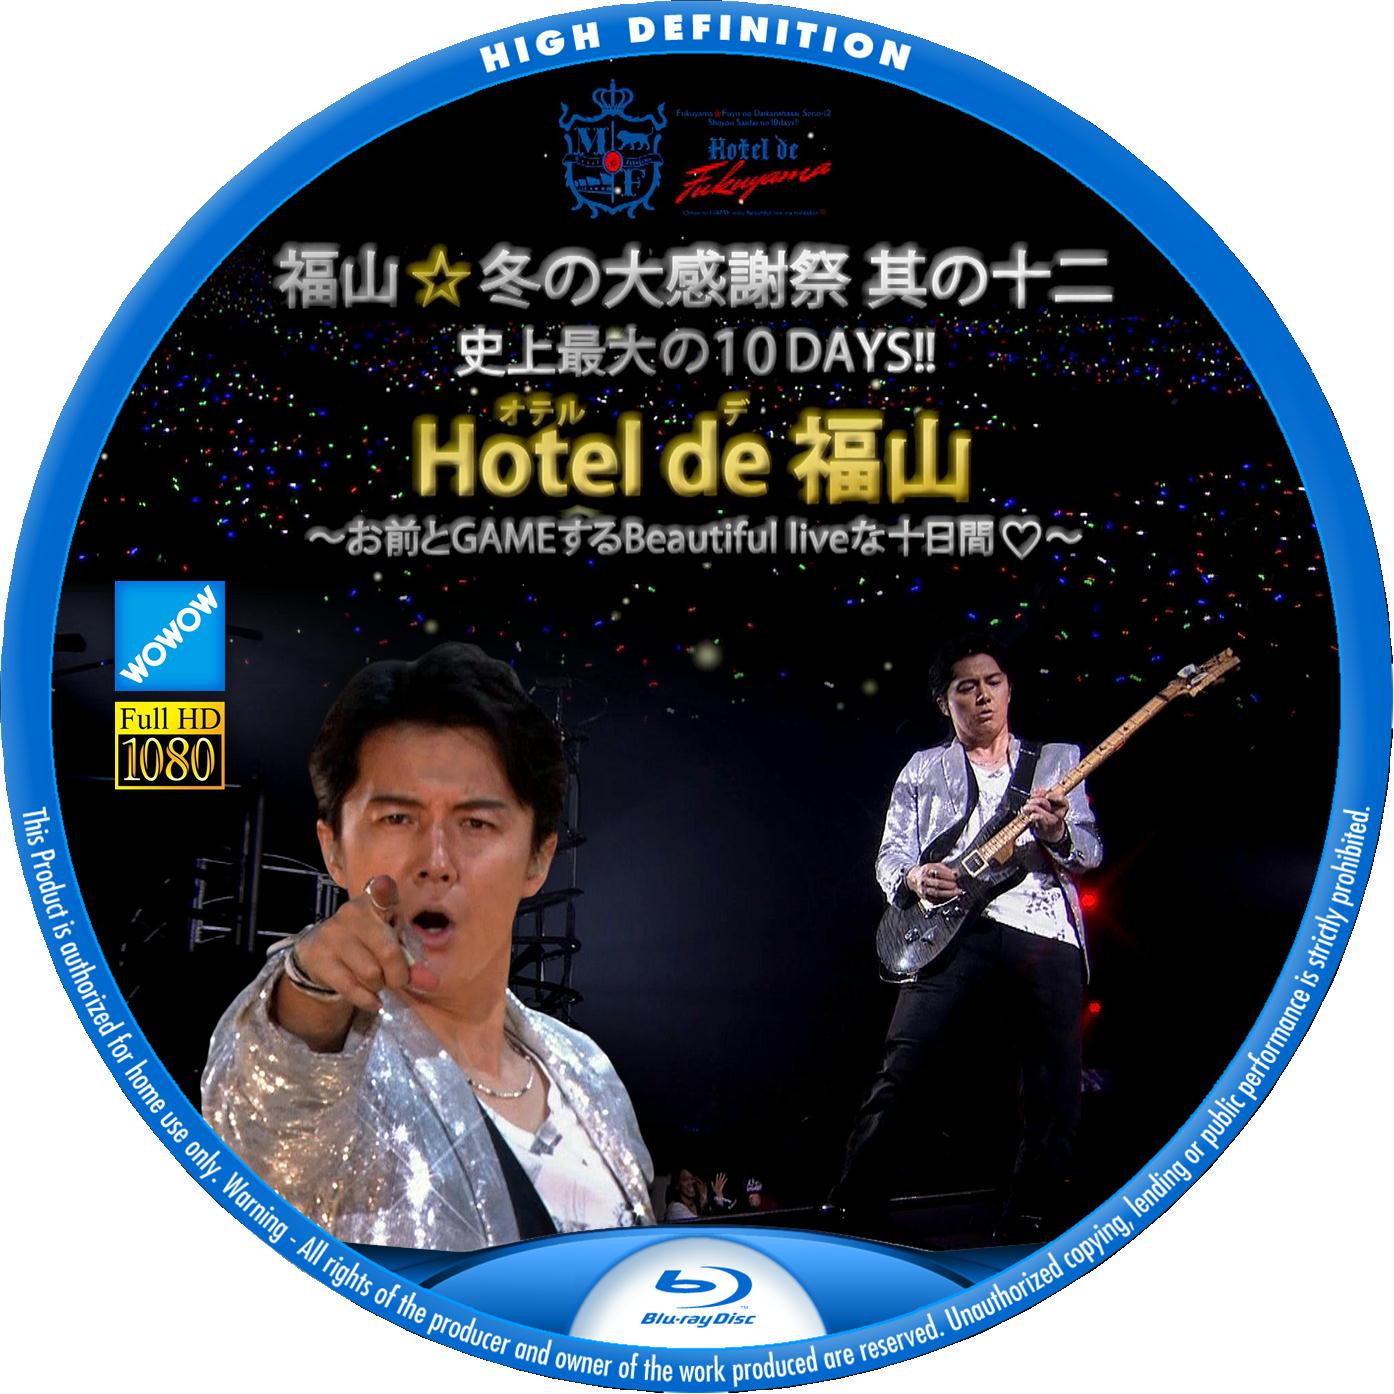 福山雅治 冬の大感謝祭 Hotel de 福山 v1 BDラベル